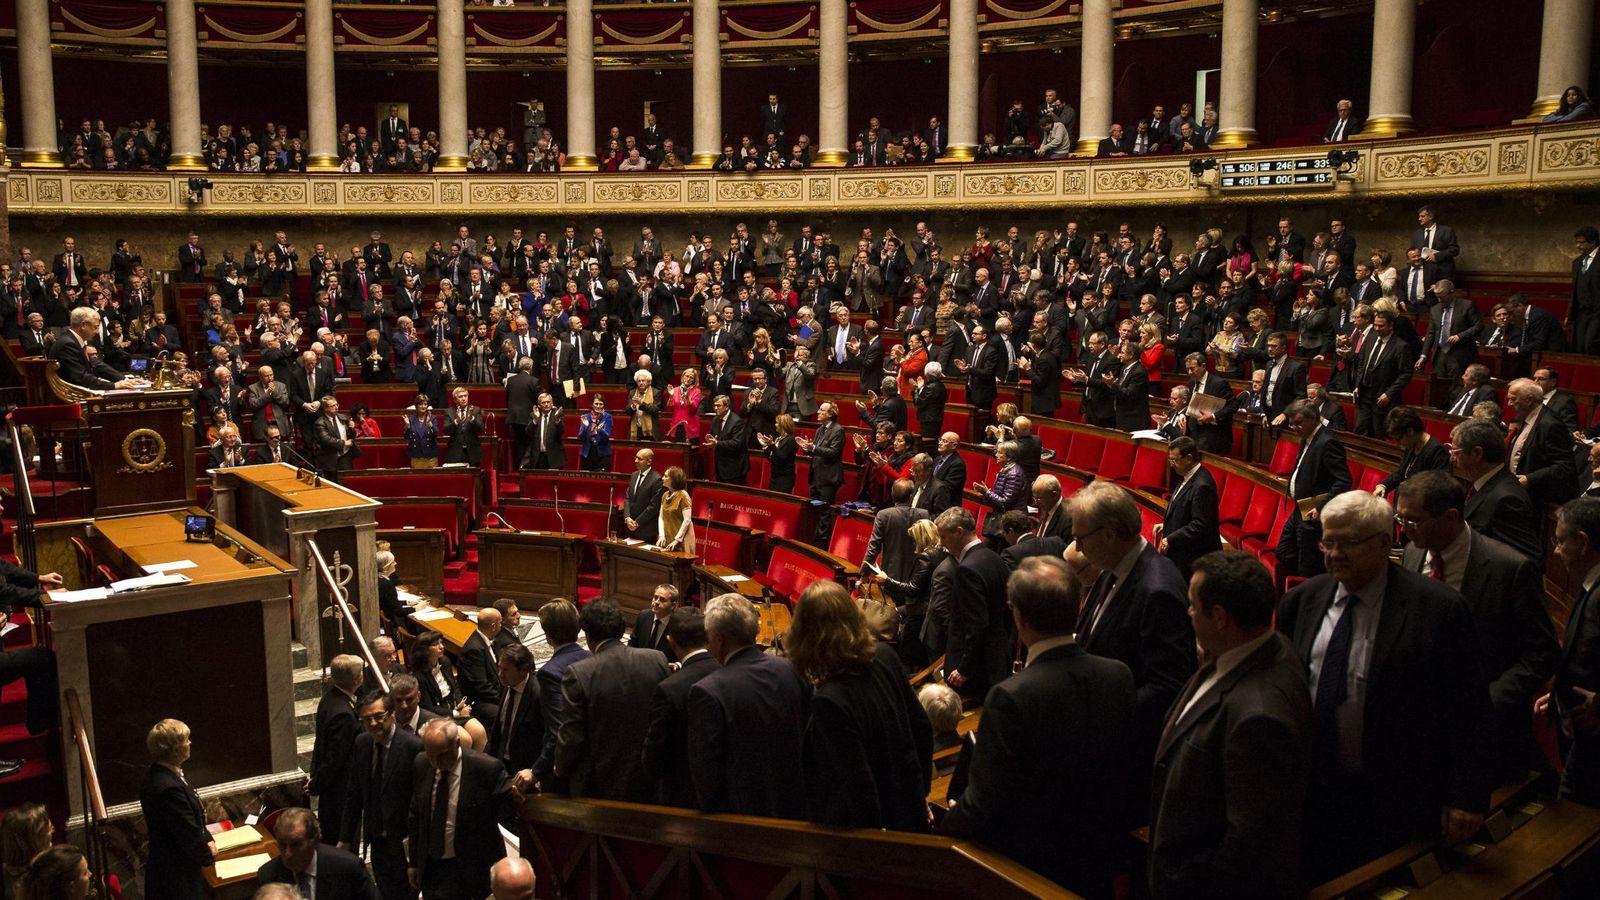 Foto: La asamblea nacional francesa aprueba el reconocimiento de palestina como estado